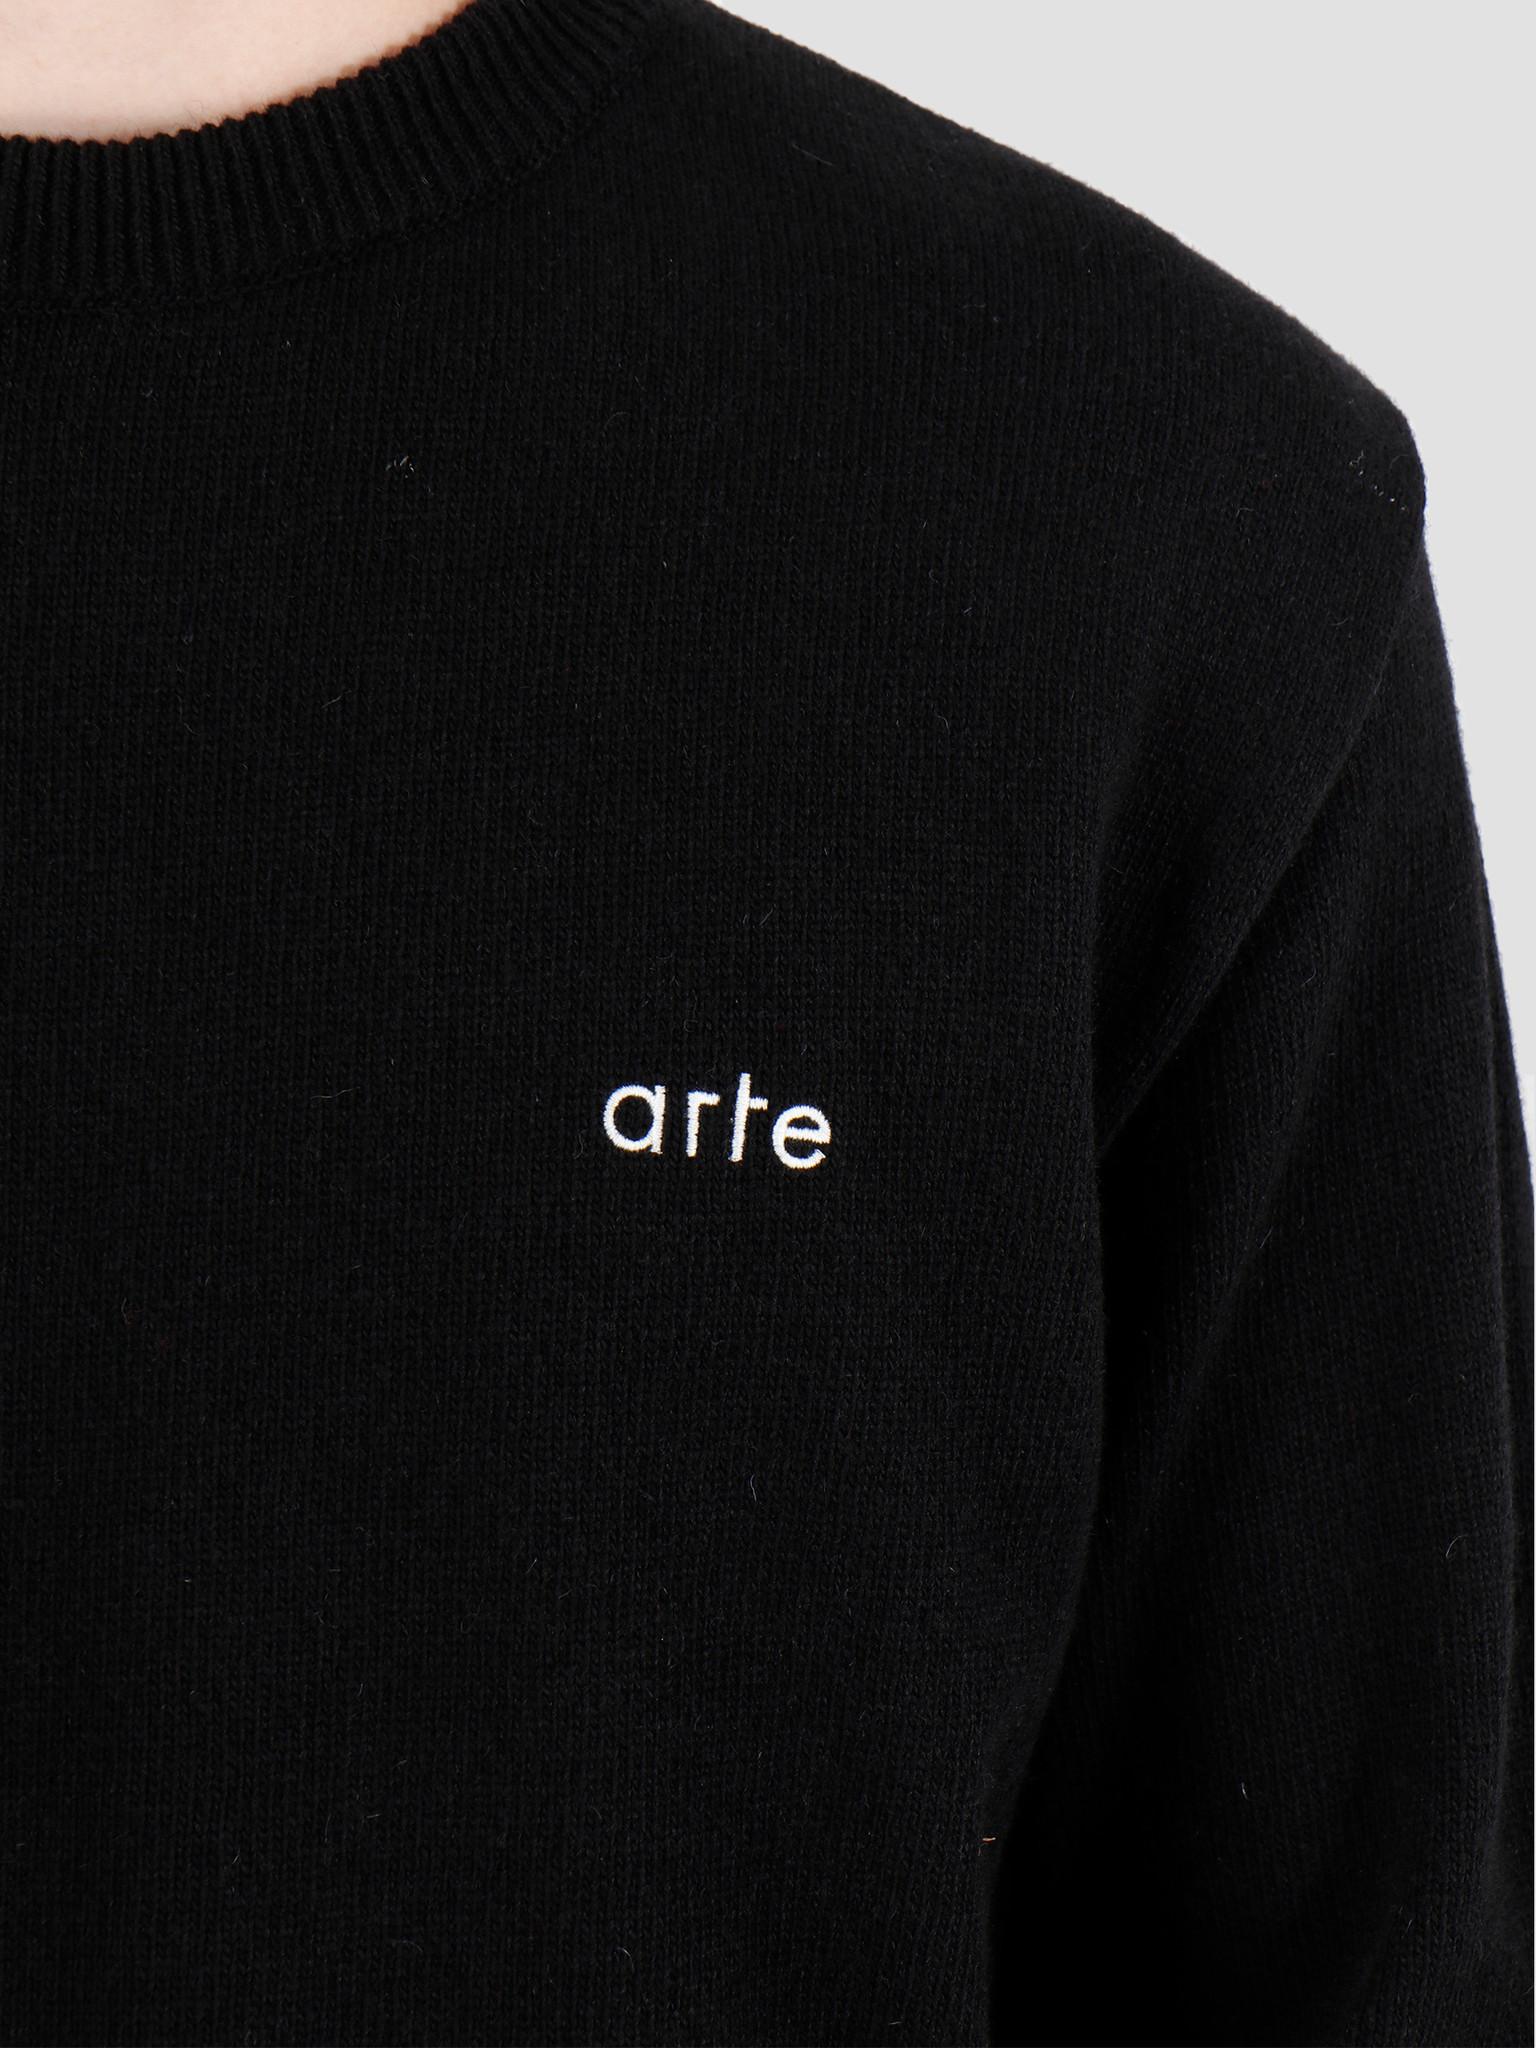 Arte Antwerp Arte Antwerp Kobe  Knit Sweater Black AW19-019